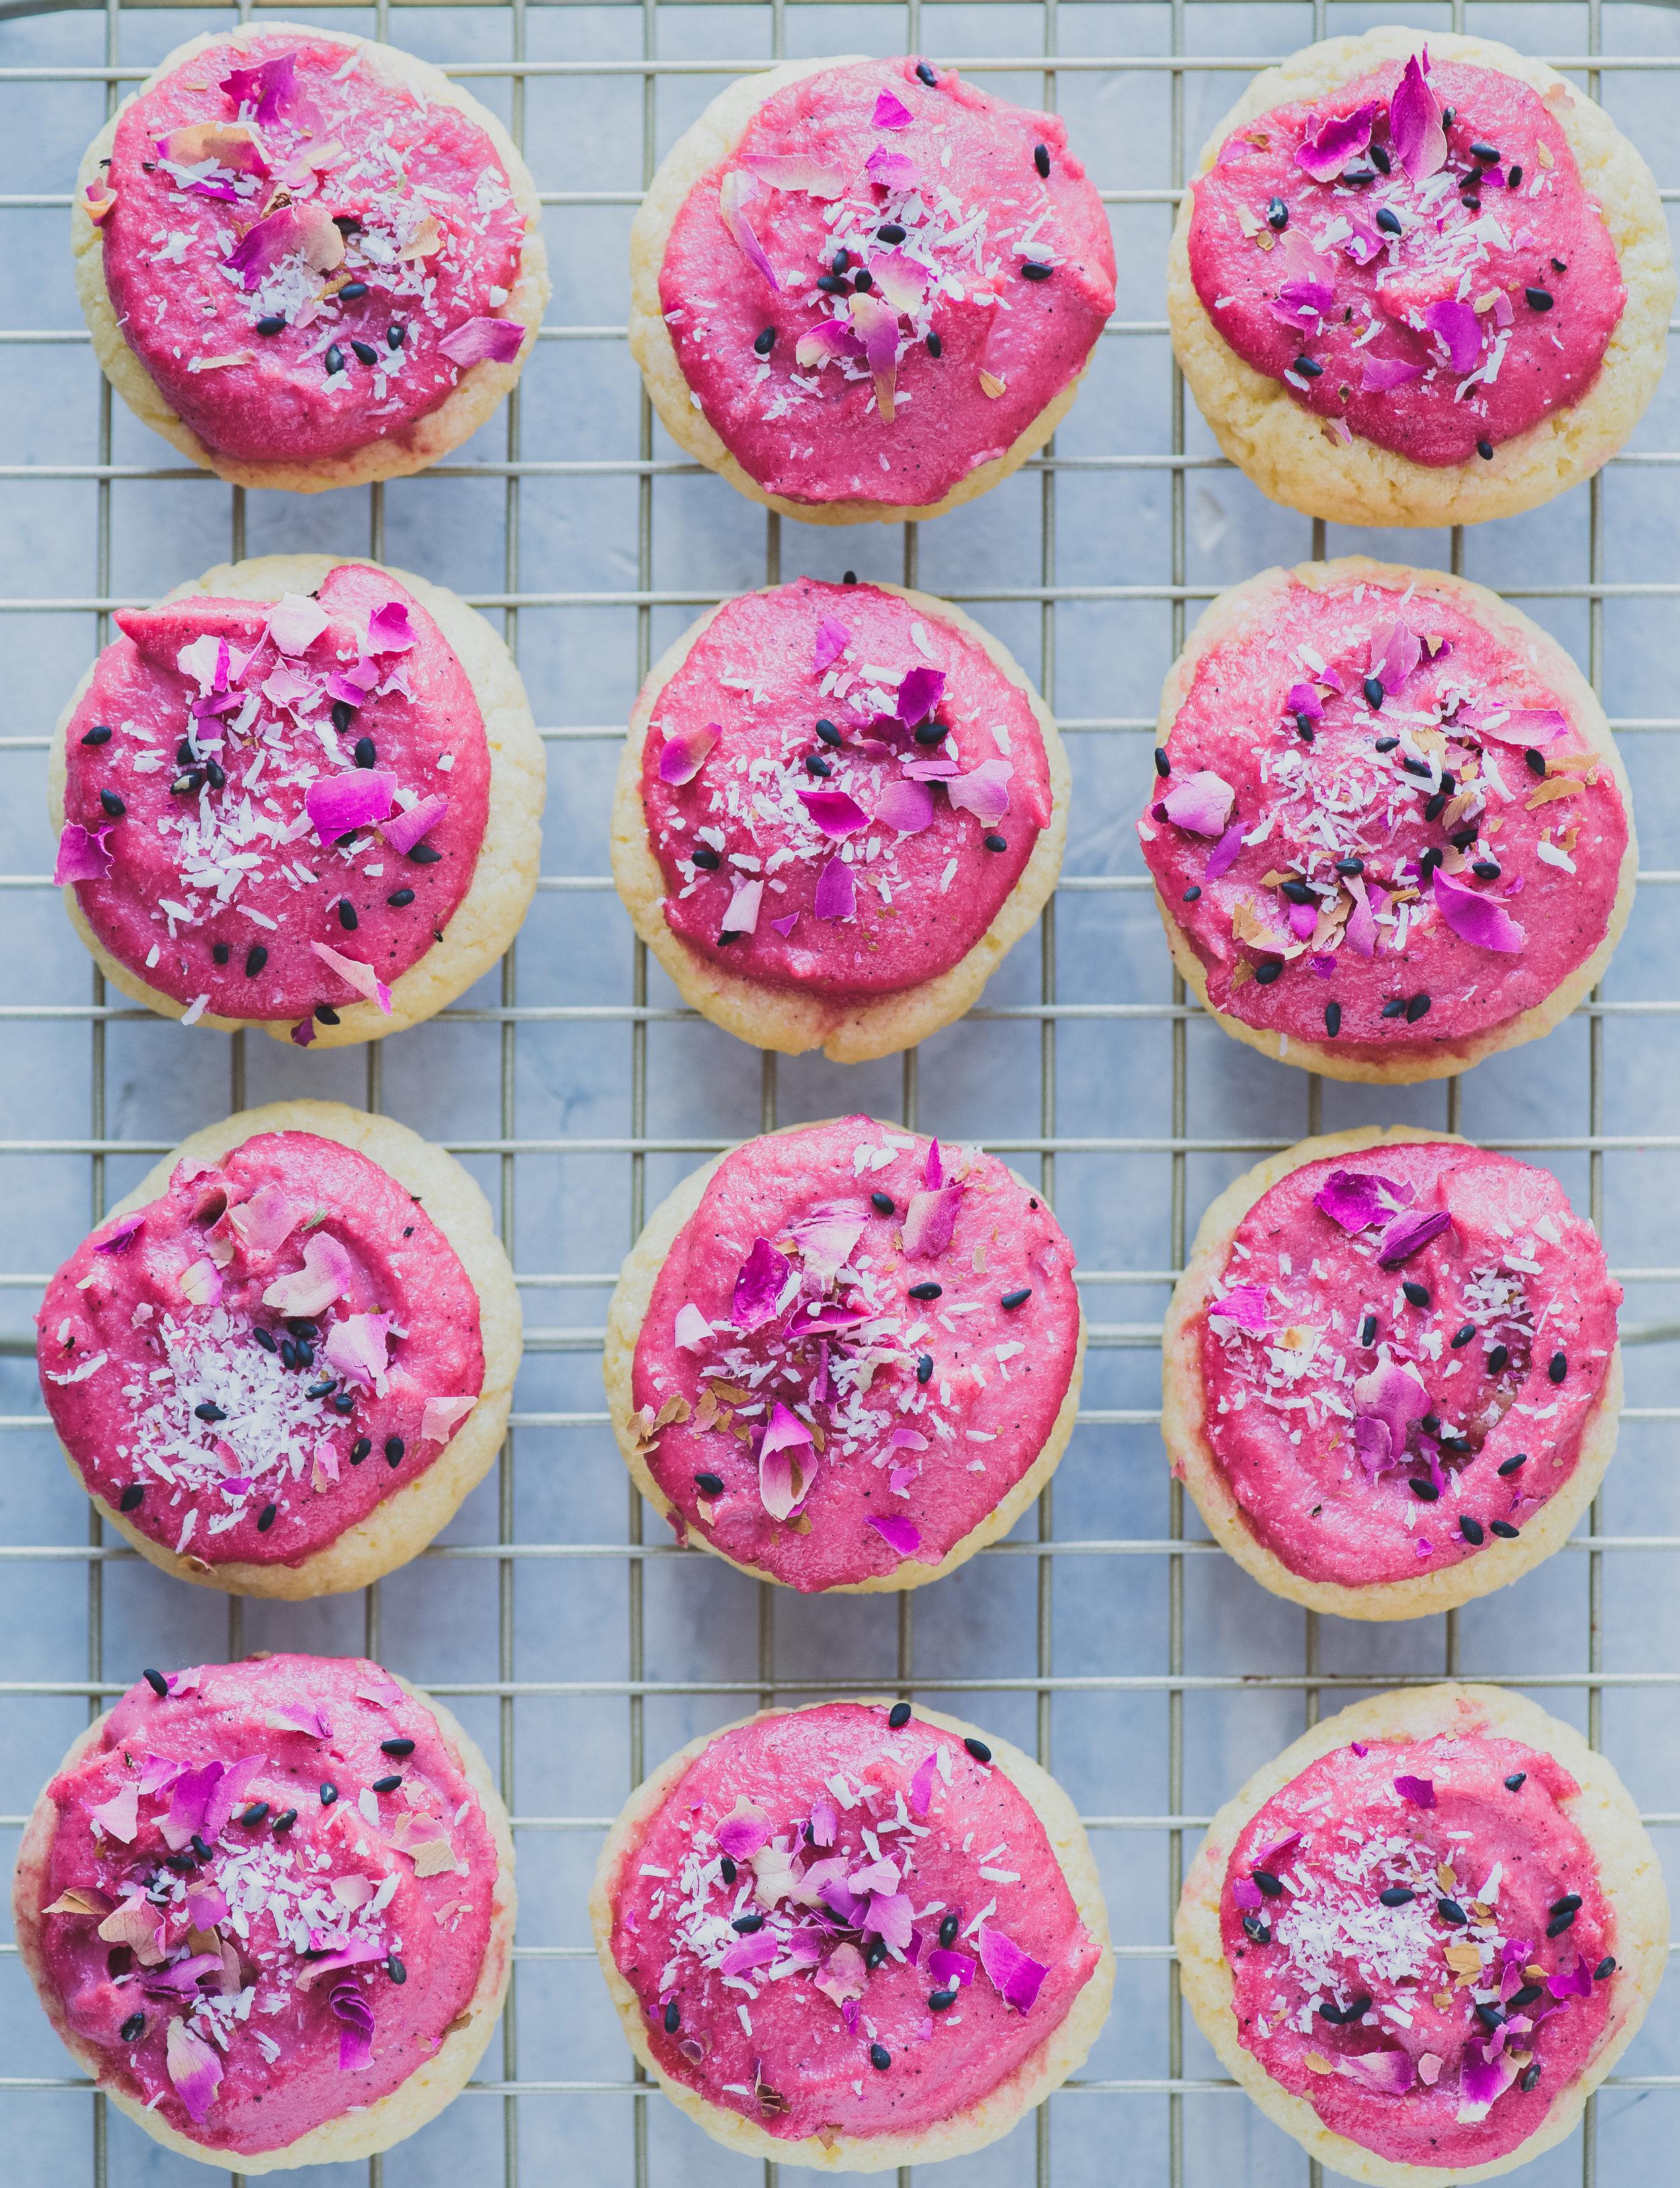 beet cookies lm (1 of 1).jpg